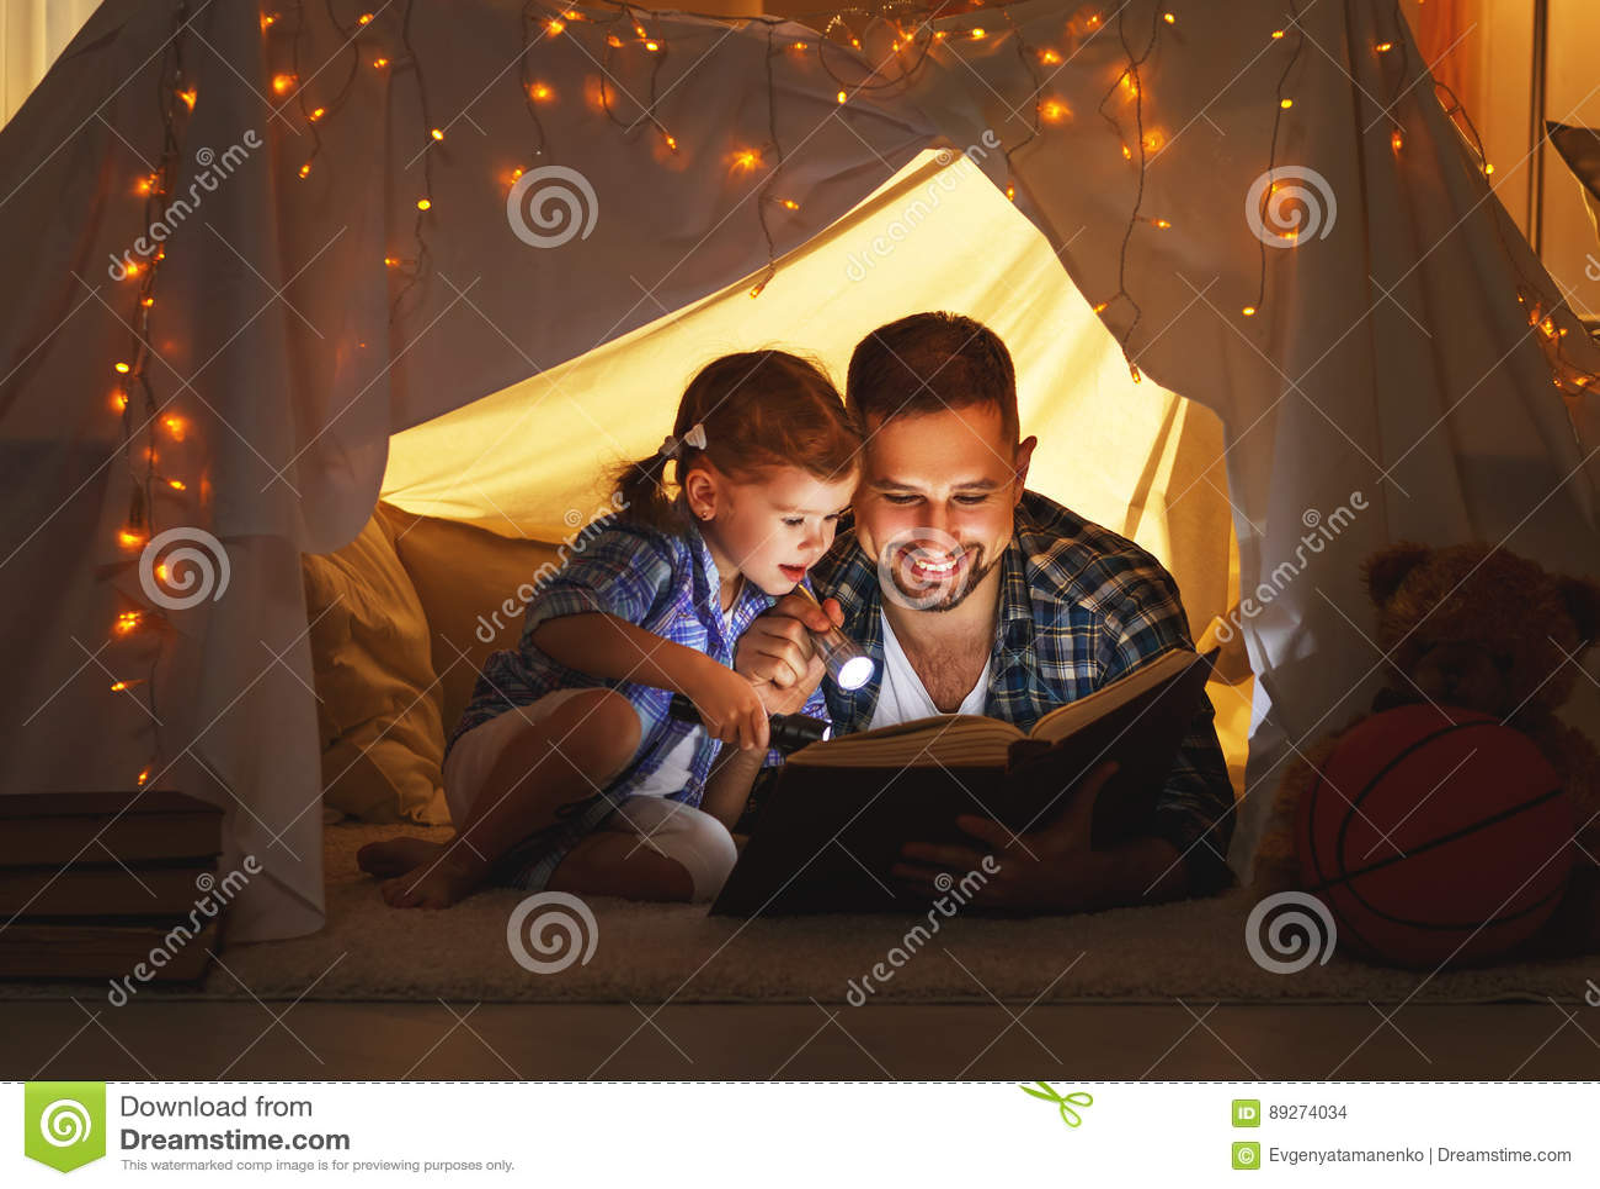 Ευτυχείς οικογενειακός πατέρας και κόρη παιδιών που διαβάζει ένα βιβλίο στη σκηνή